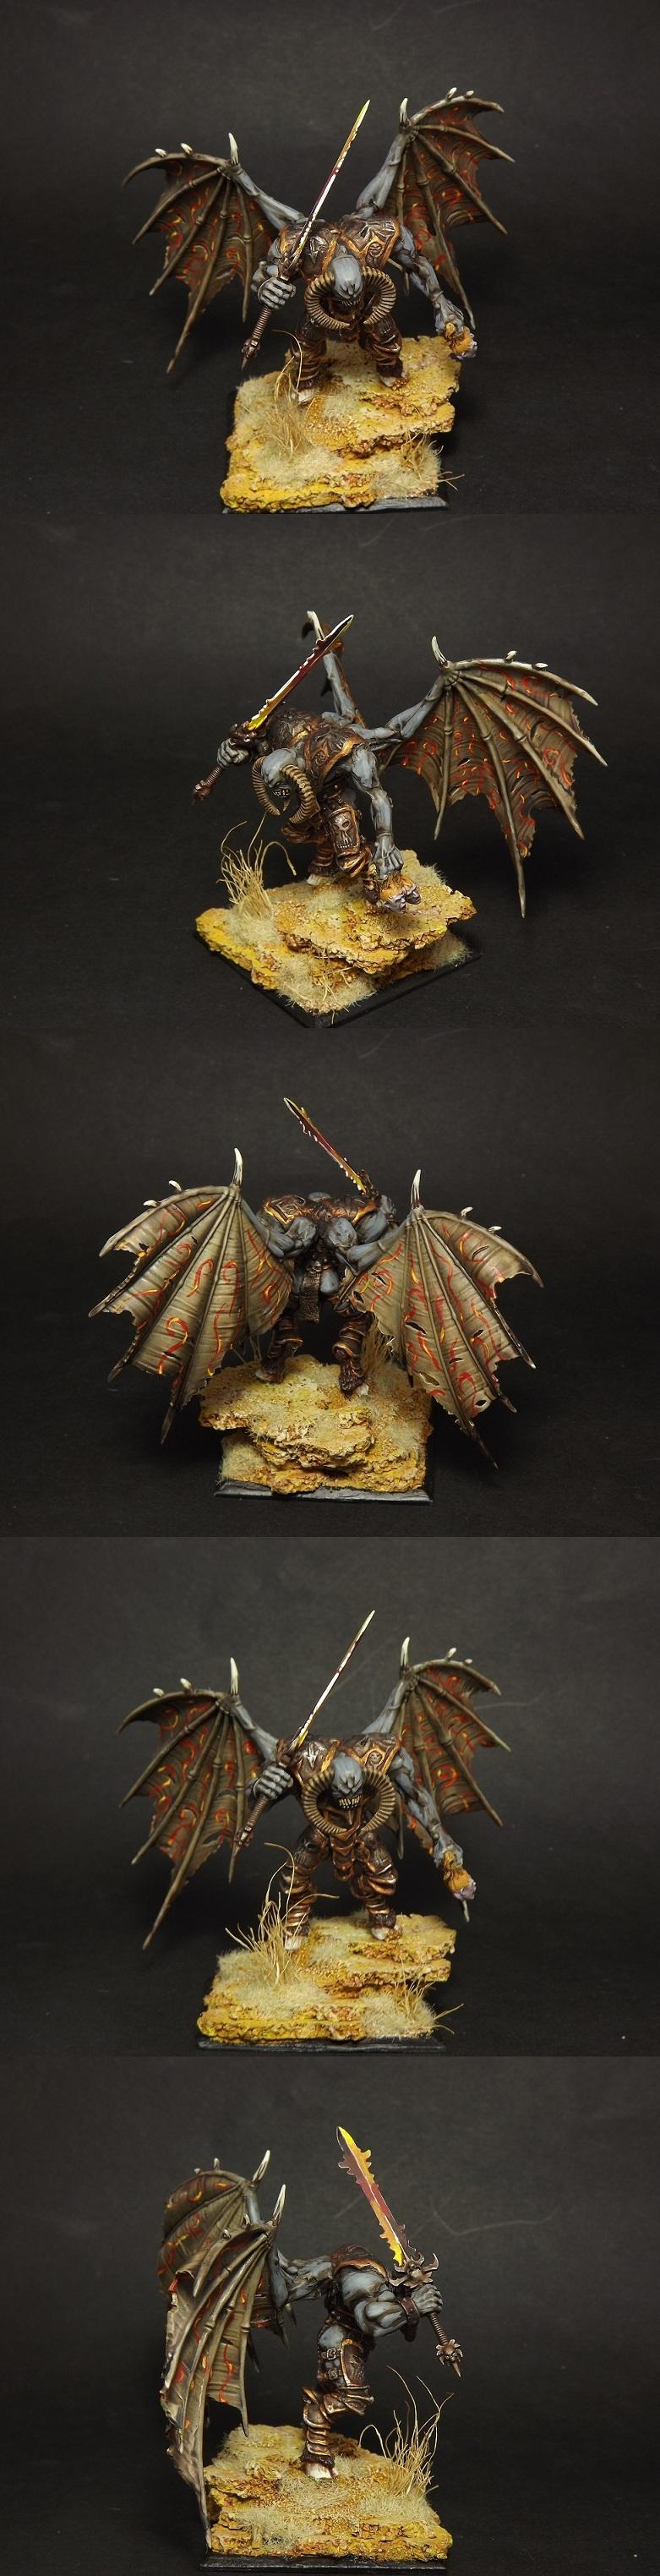 Daemon Prince of Chaos